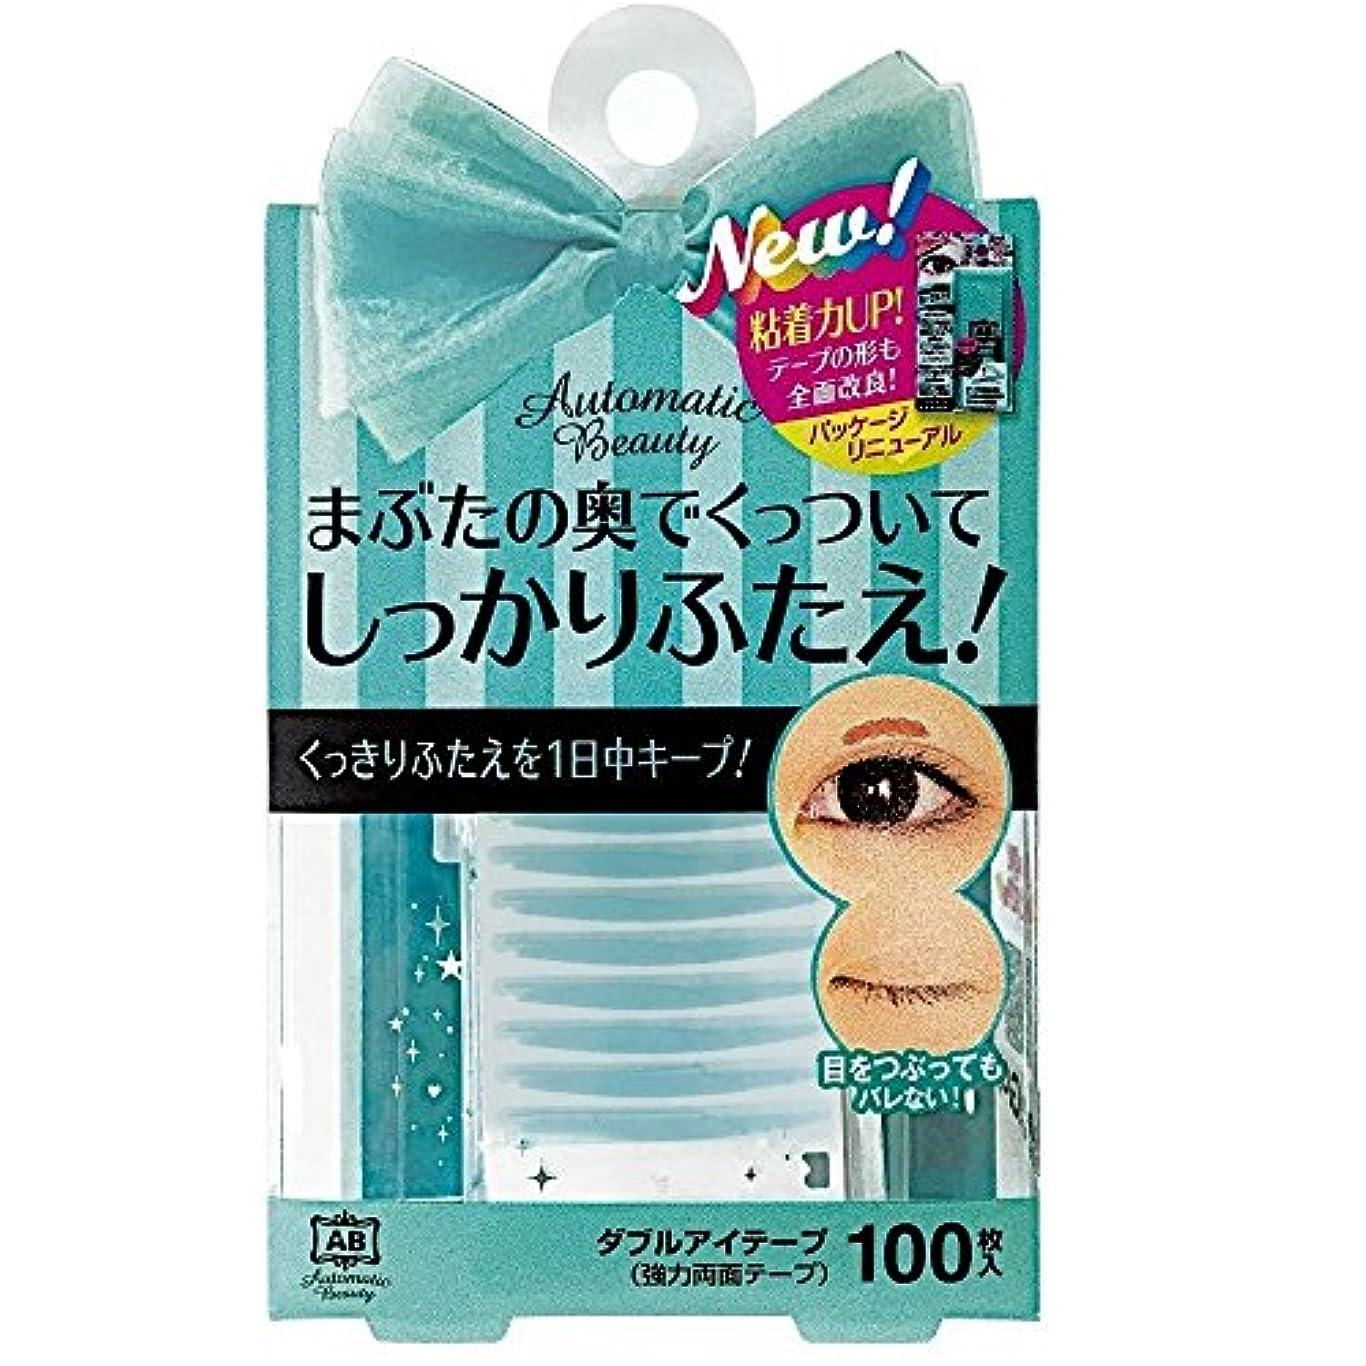 嫉妬女優事件、出来事Automatic Beauty(オートマティックビューティ) ダブルアイテープ 100枚